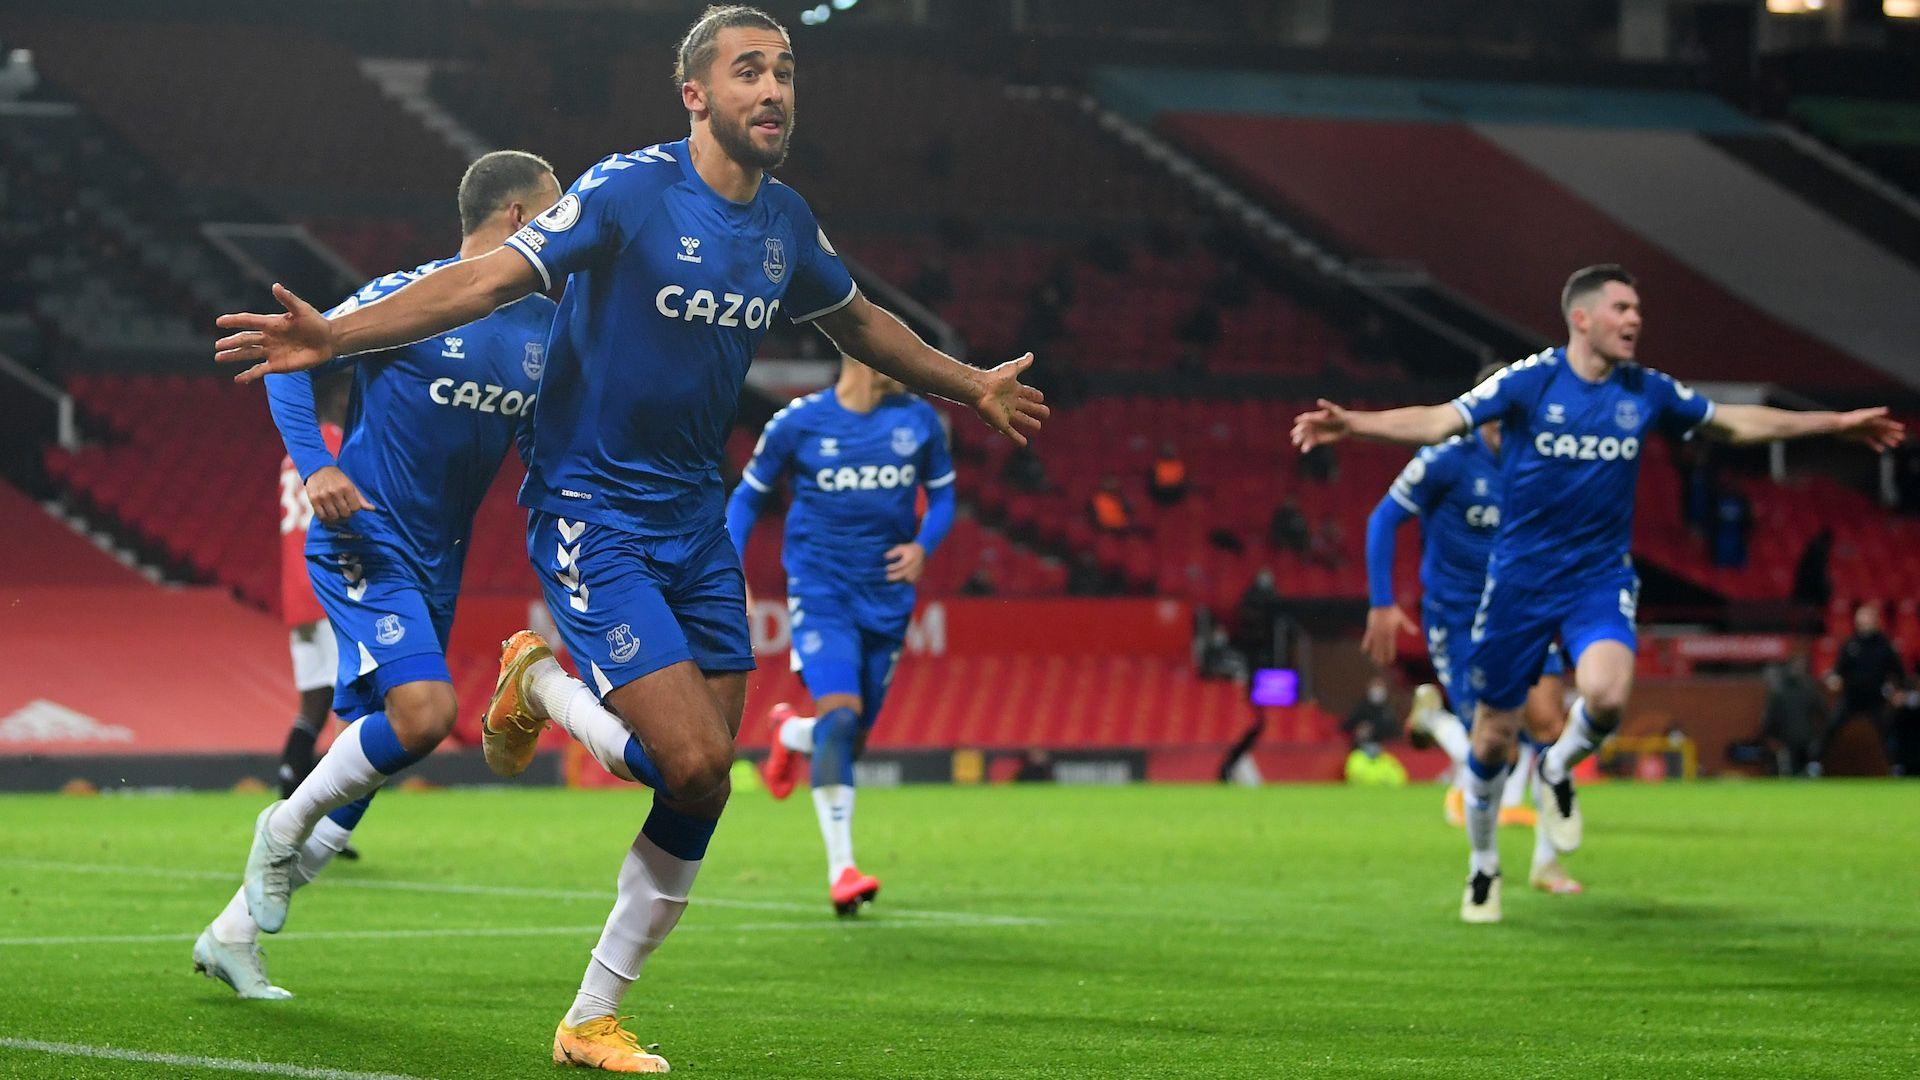 Евертън не се примири и отне победата от Манчестър Юнайтед в последната секунда